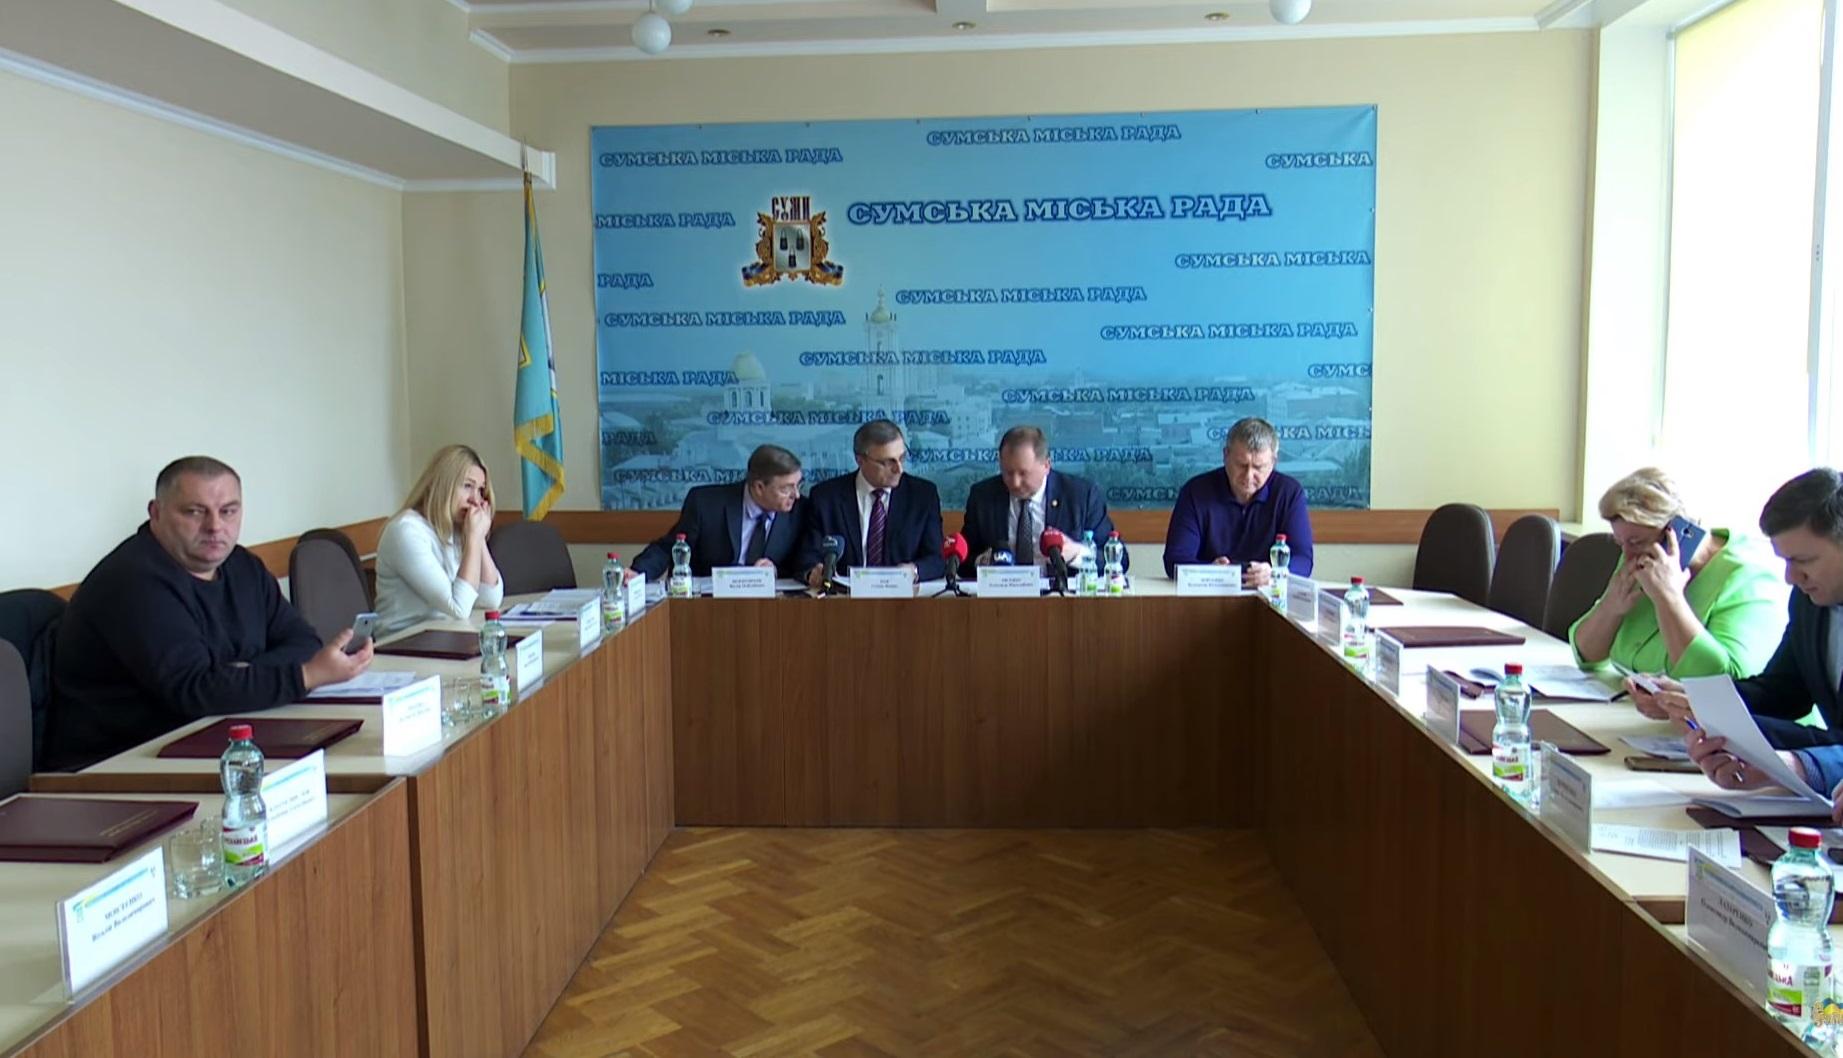 Засідання виконавчого комітету. Скріншот: Rada Sumy